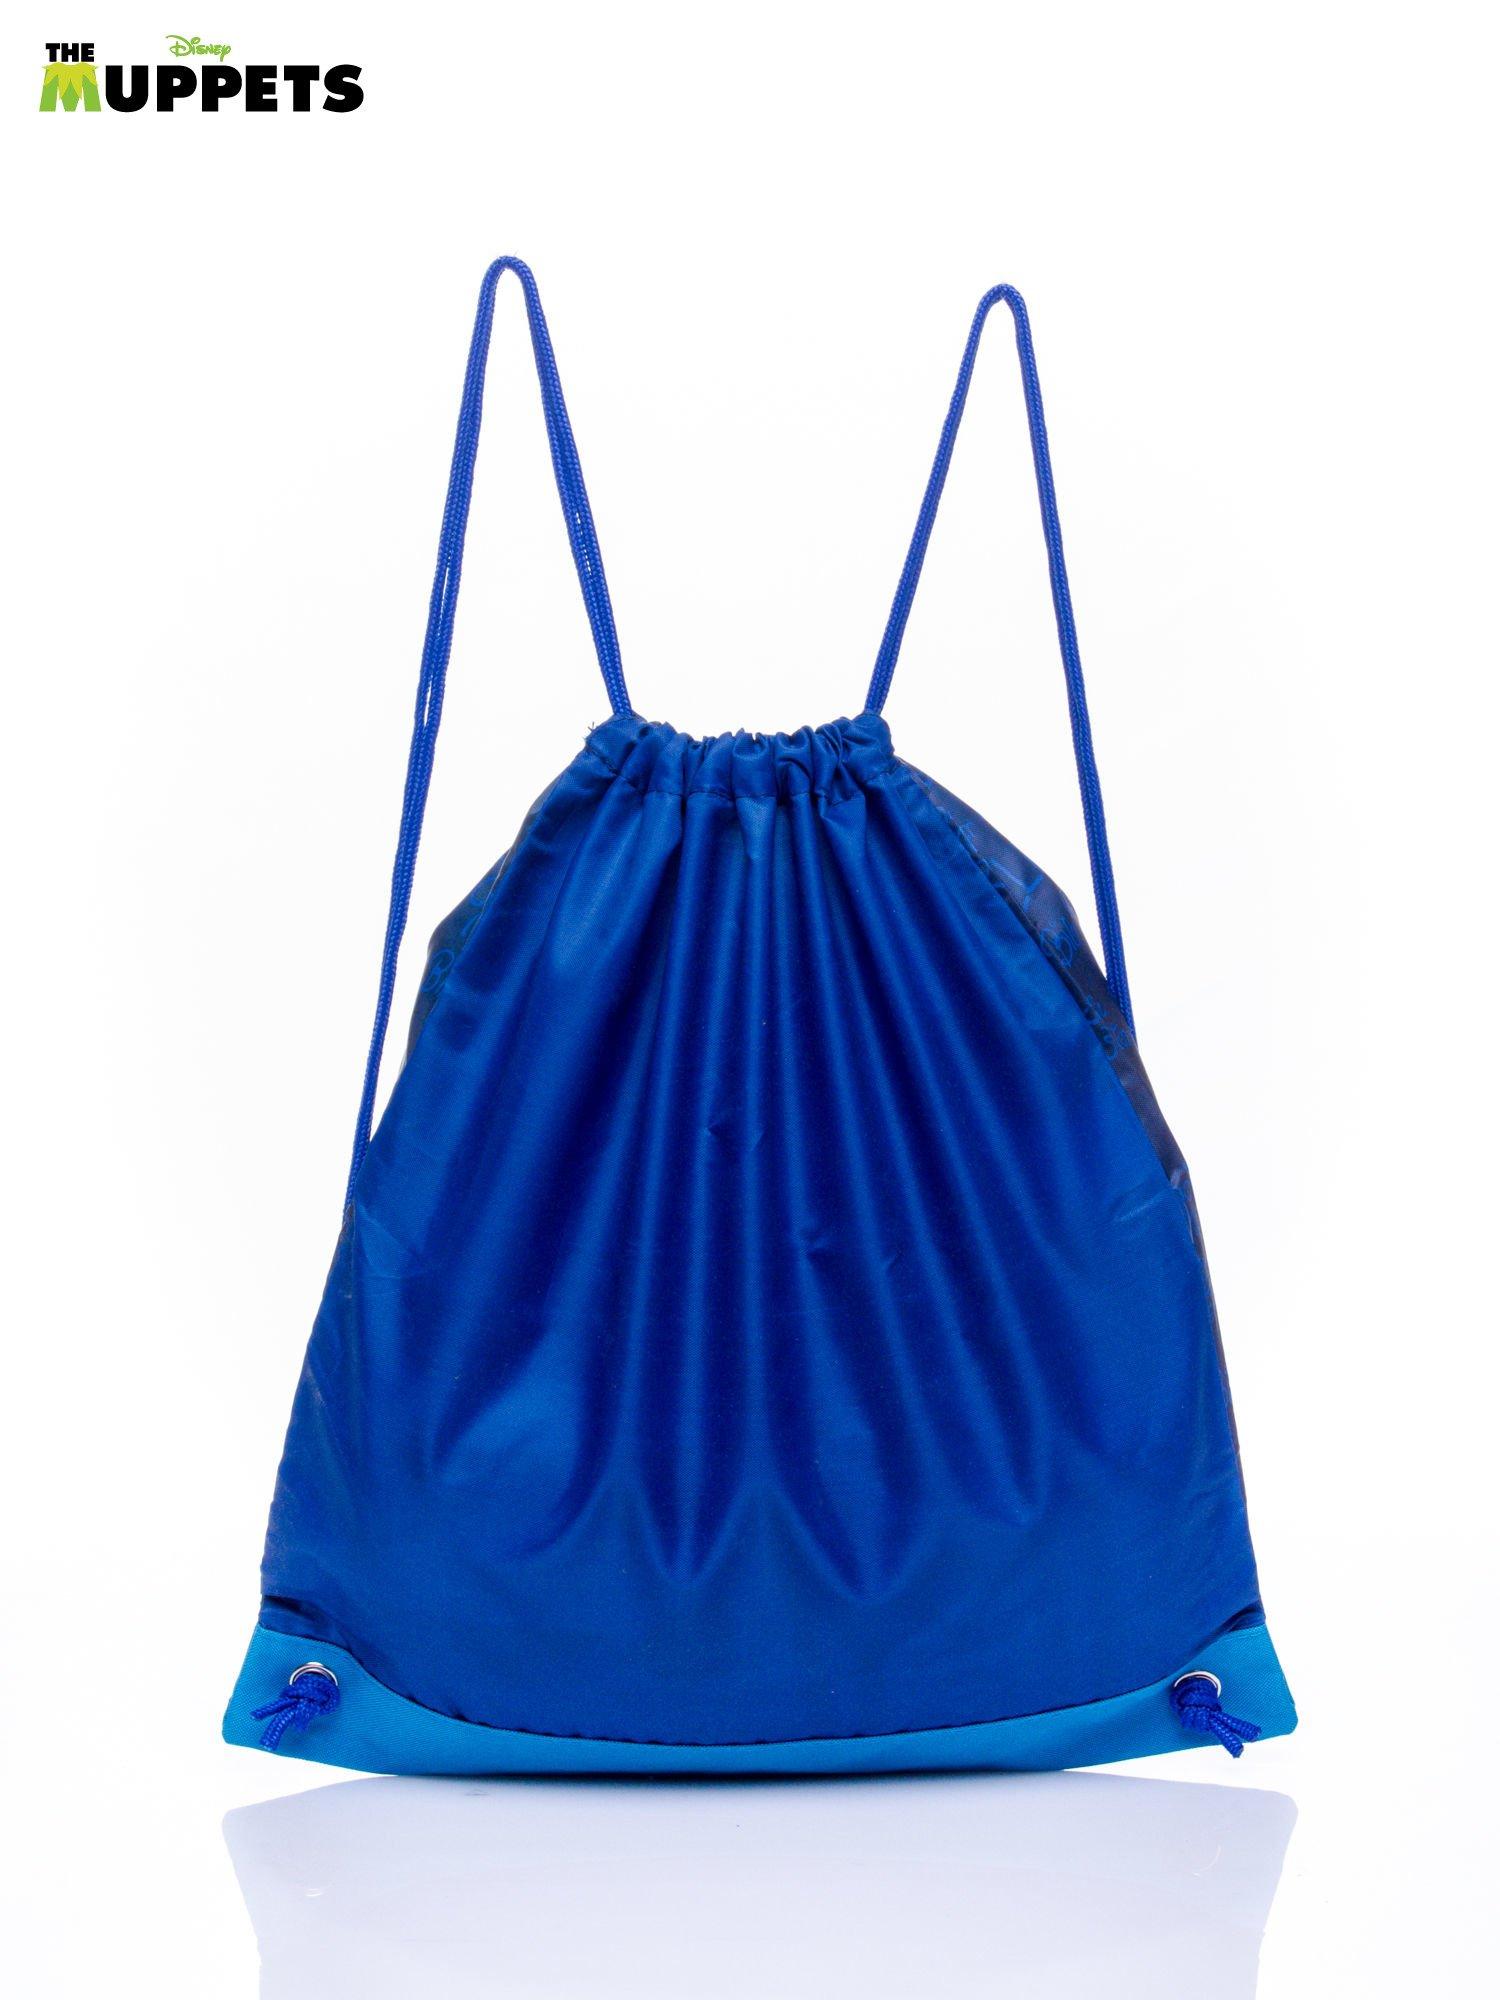 Niebieski plecak worek DISNEY Muppety                                   zdj.                                  2